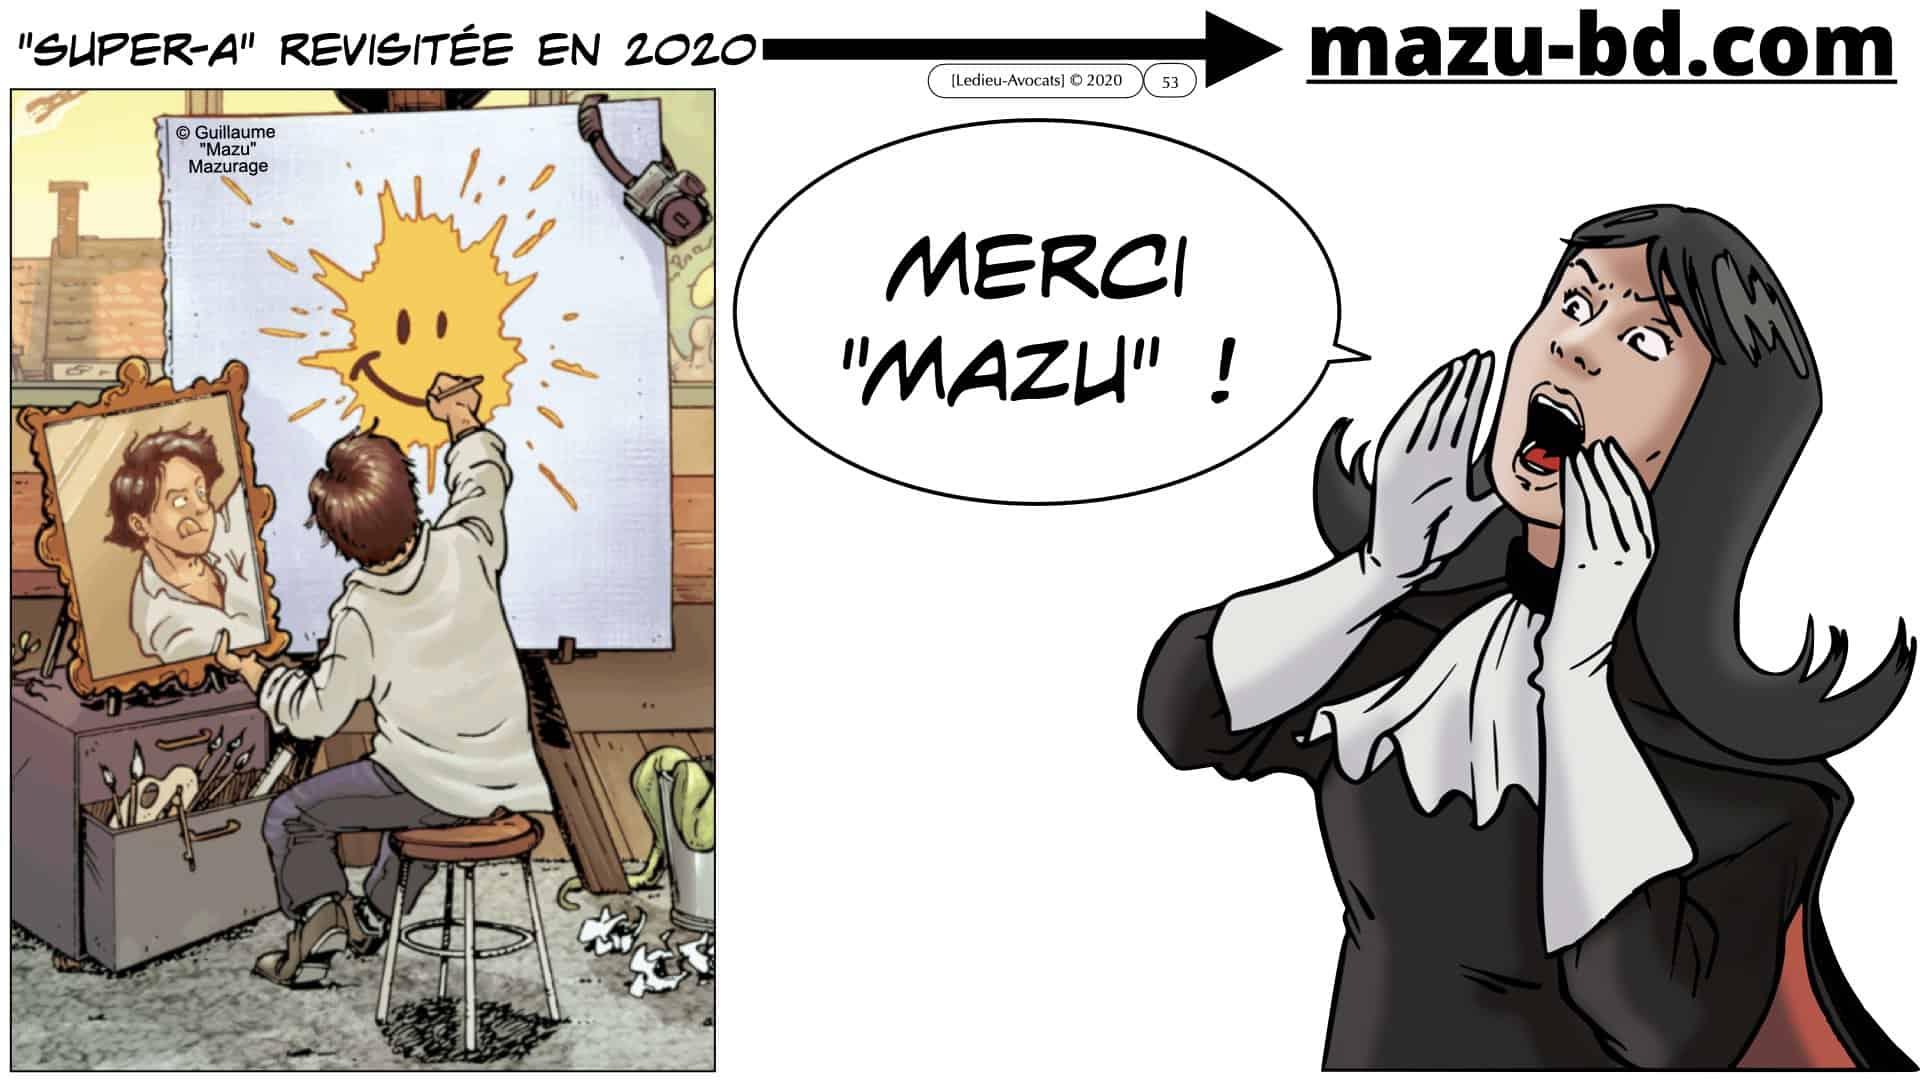 318 générique ©Ledieu-Avocats 17-12-2020 ***16:9***.053